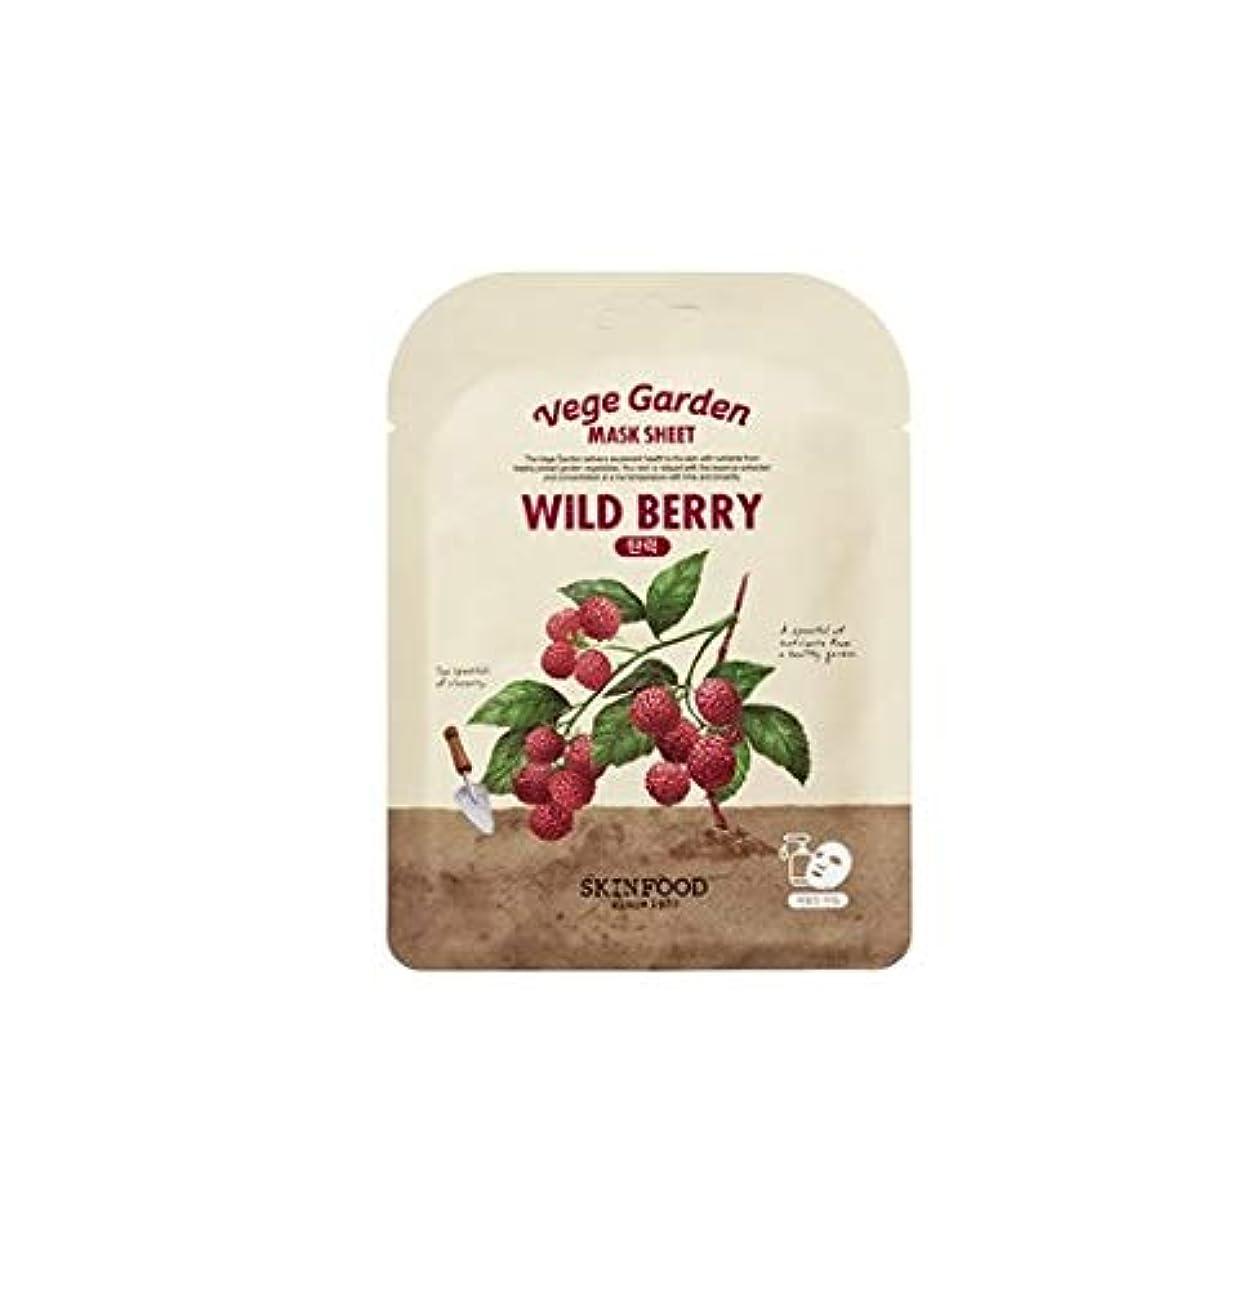 ハイキングに行くアコー似ているSkinfood ベジガーデンマスクシート#ラズベリー* 10ea / Vege Garden Mask Sheet#raspberry *10ea 20ml*10 [並行輸入品]